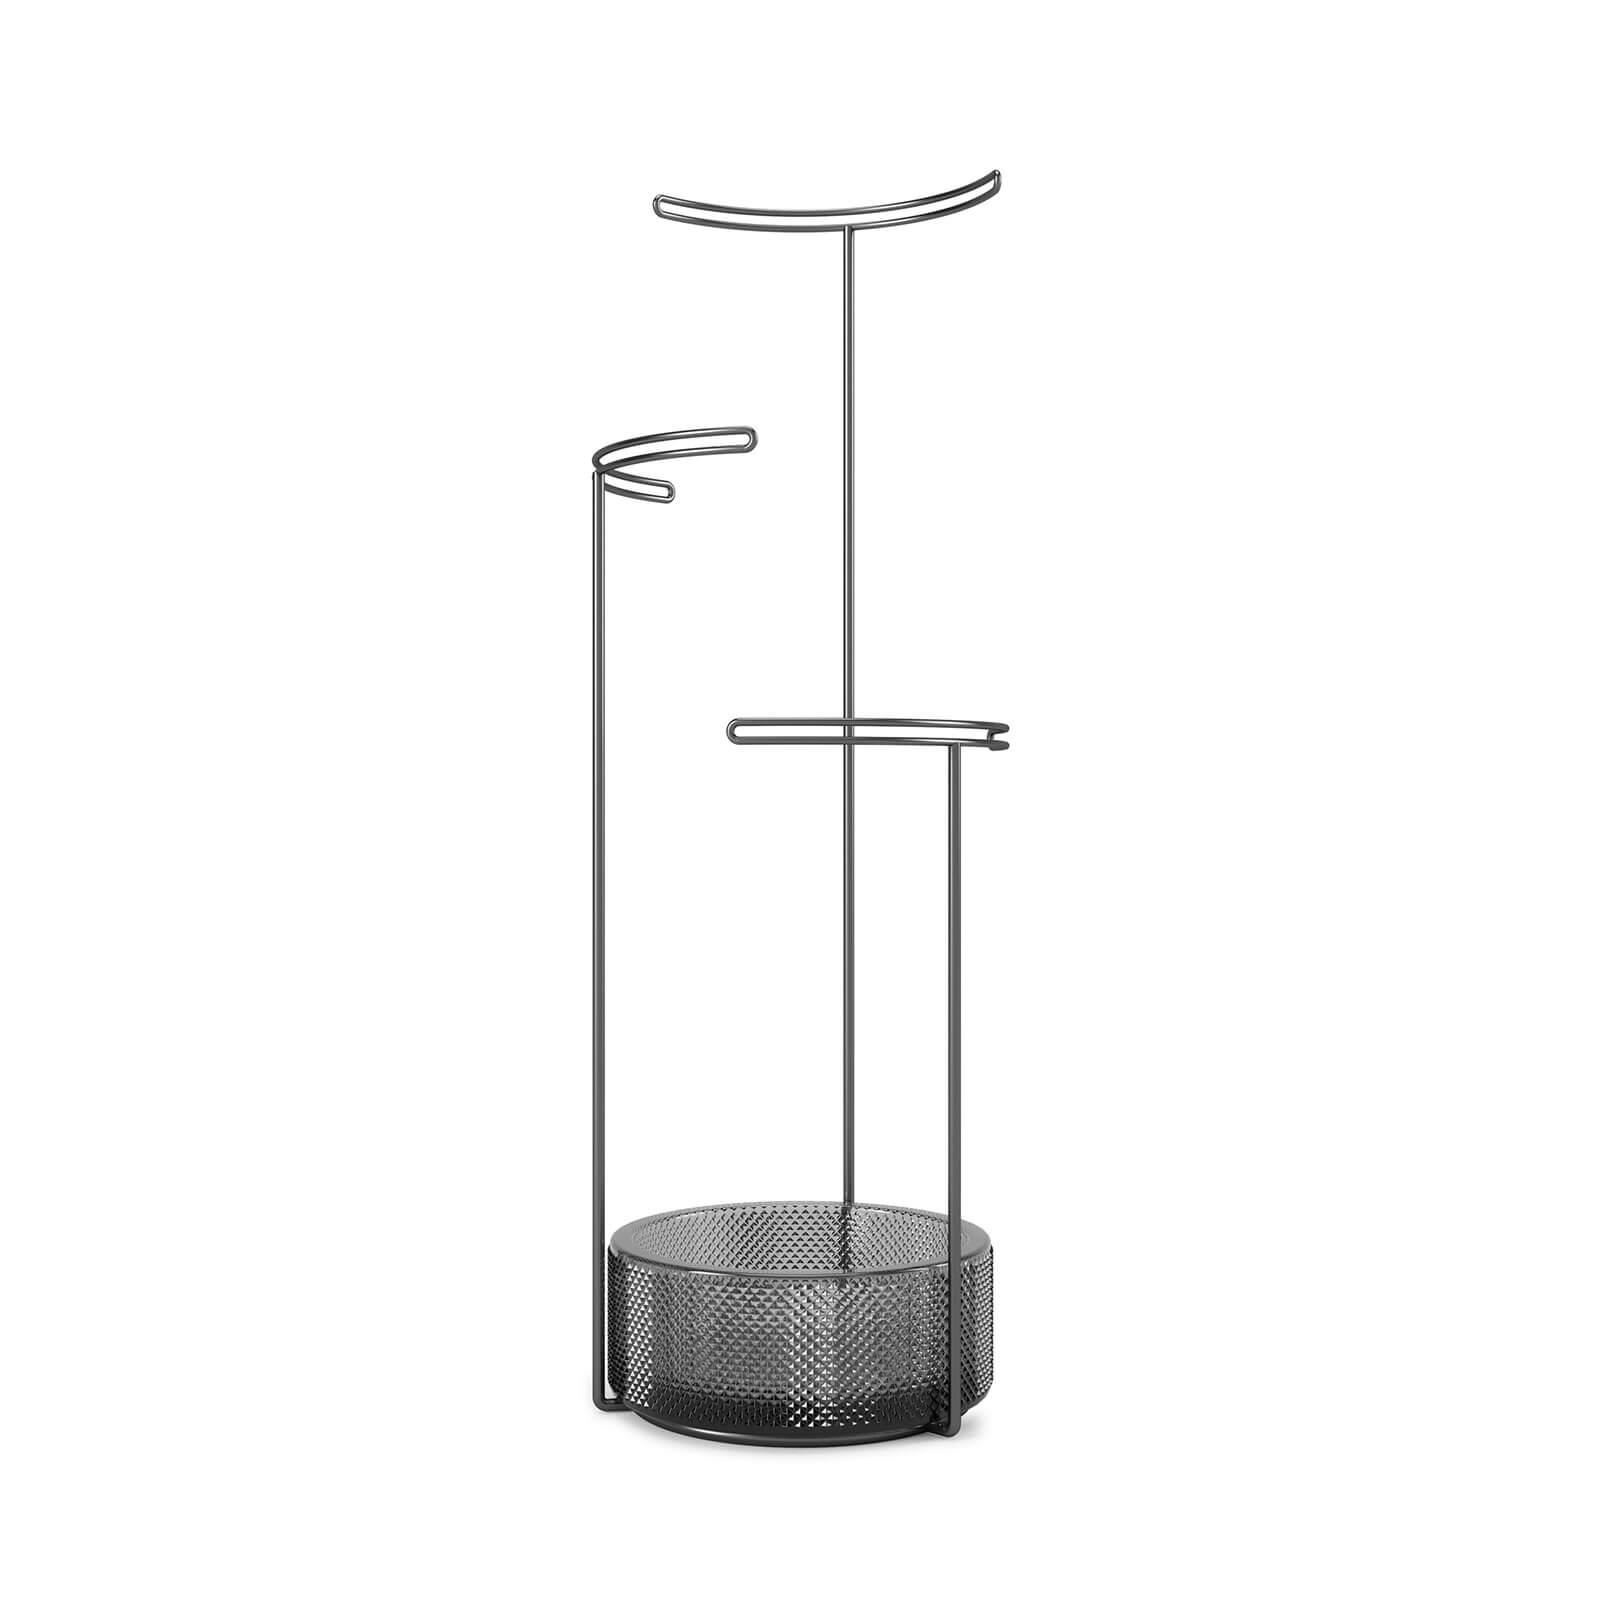 Umbra Tesora Jewellery Stand - Smoke